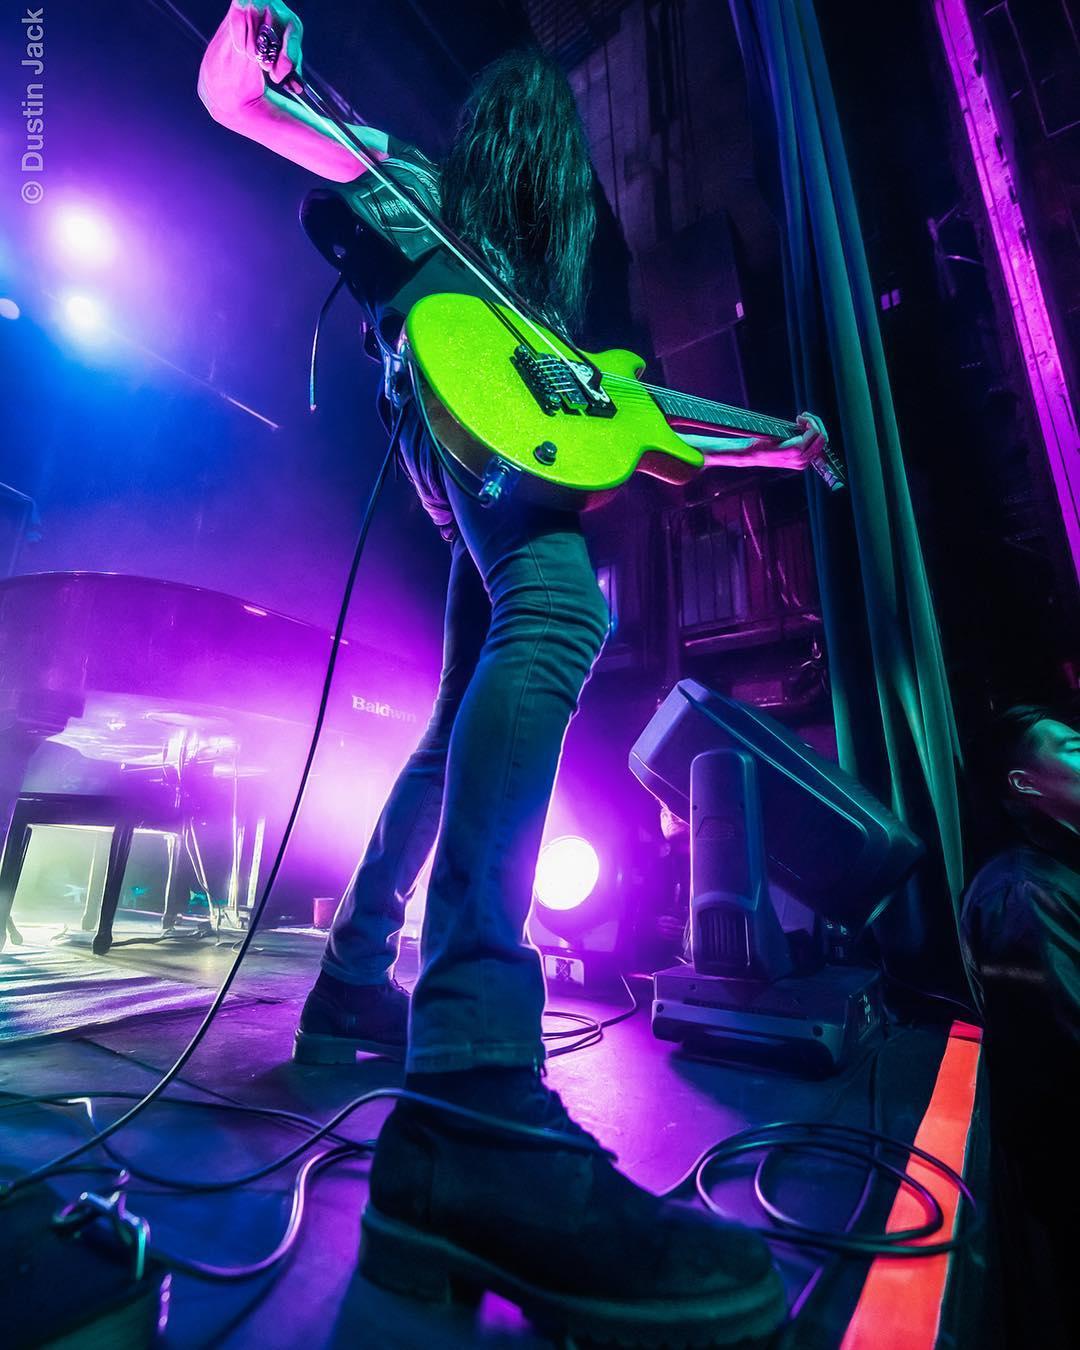 Dustin Jack Photography